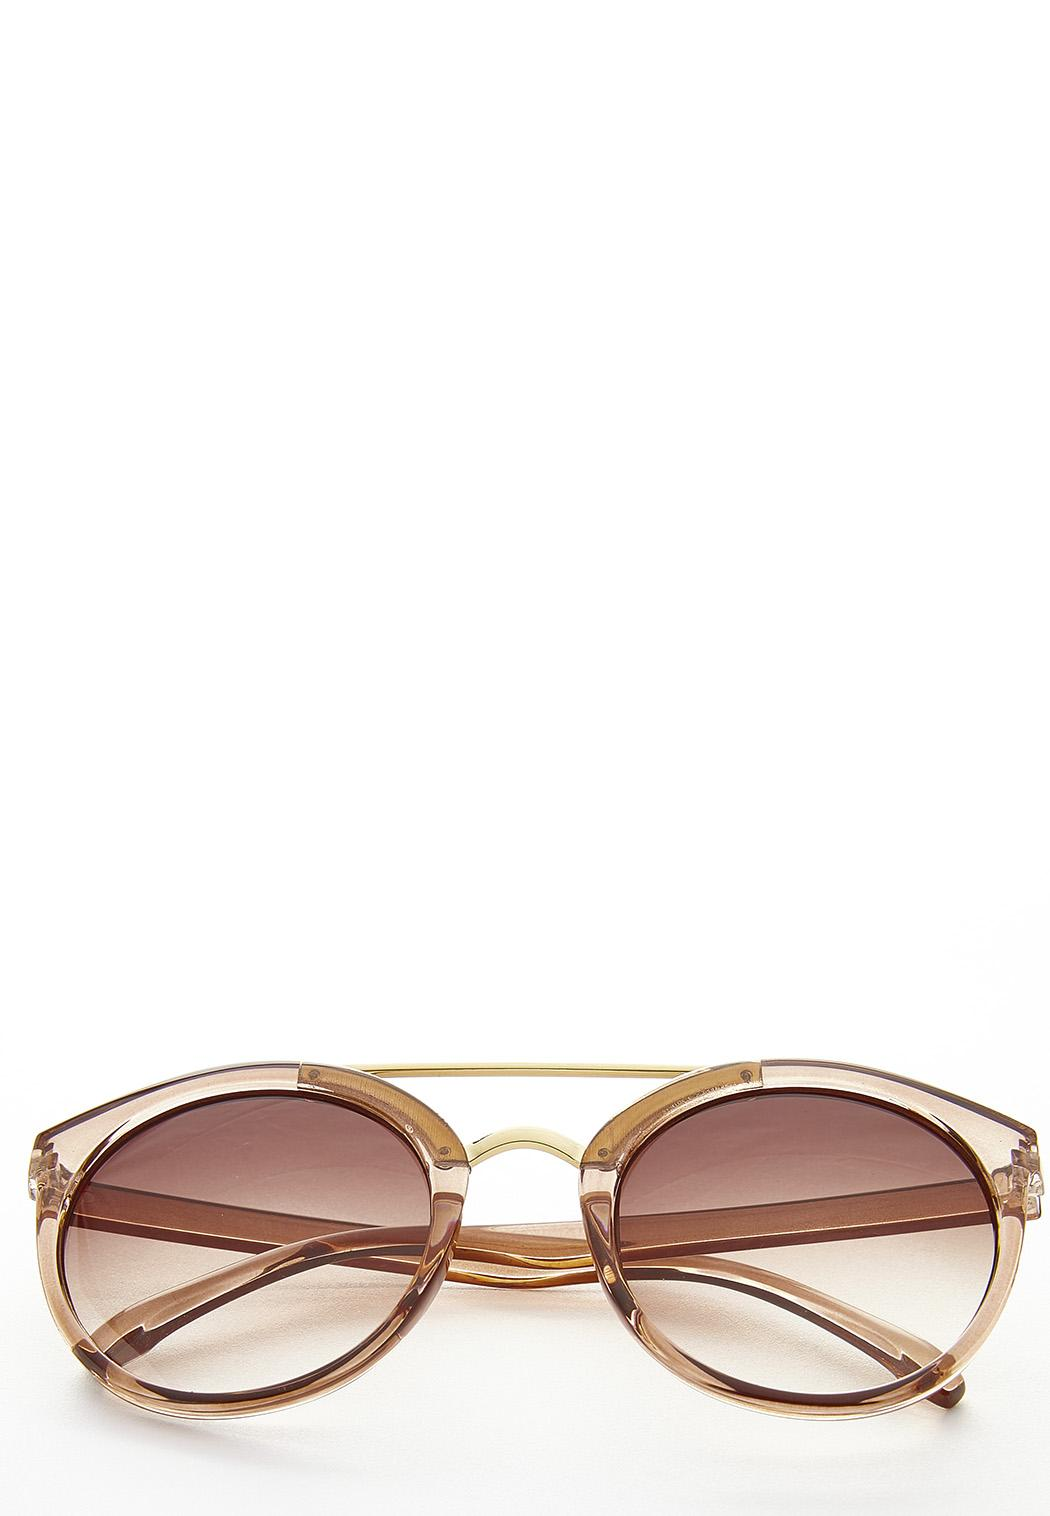 Lucite Aviator Sunglasses